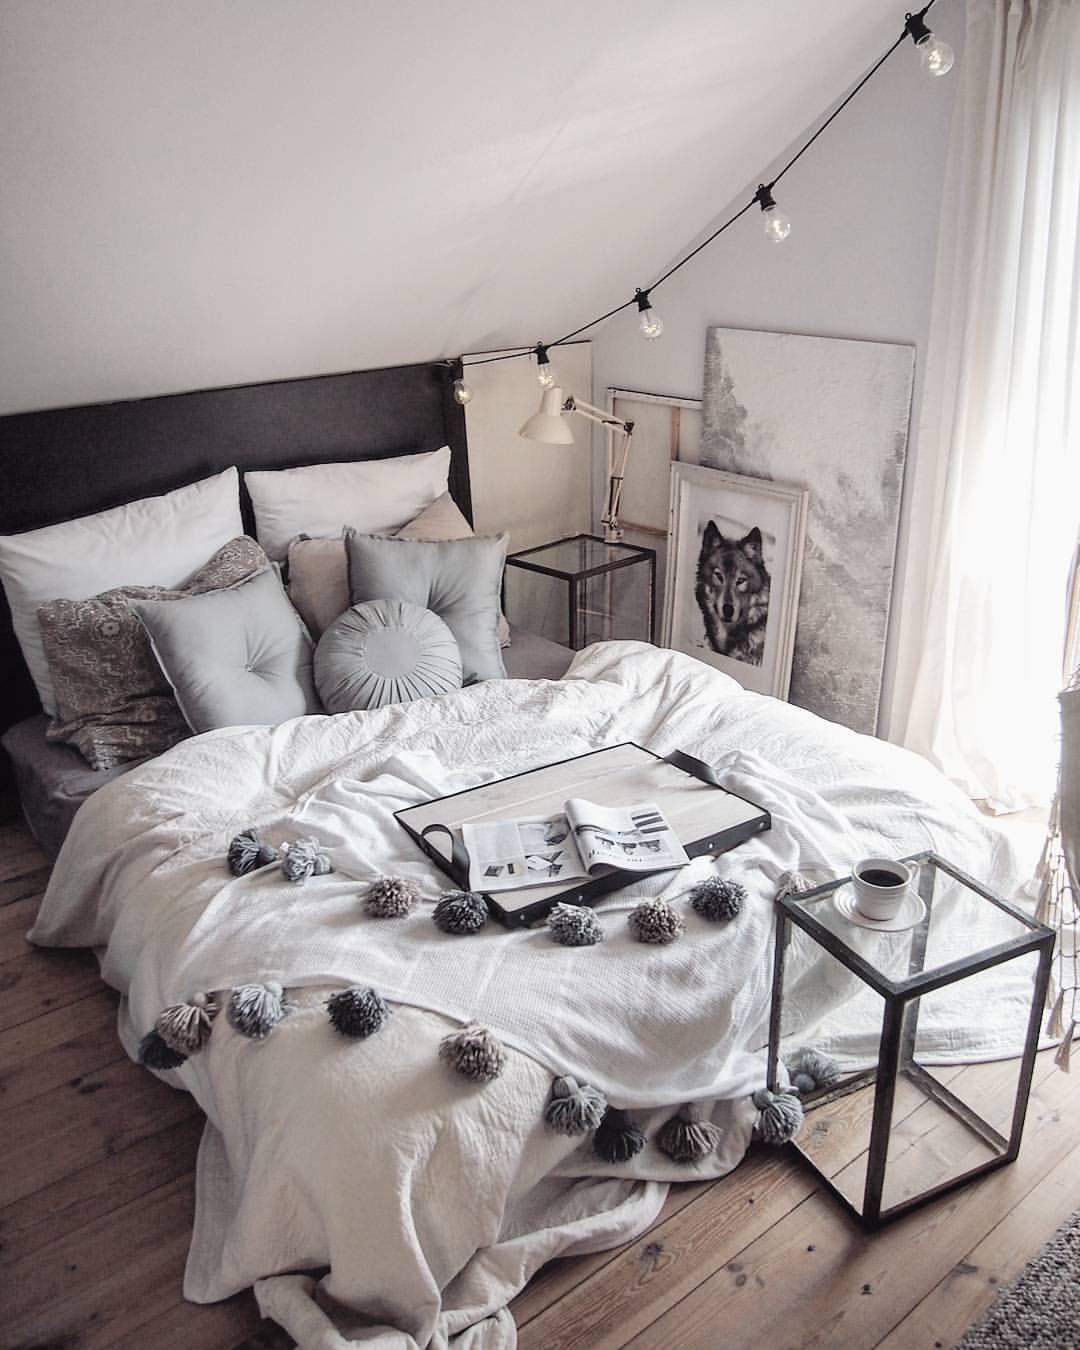 Elegant Eclectic Bedroom In White And Grey Tones ähnliche Tolle Projekte Und Ideen  Wie Im Bild Vorgestellt Findest Du Auch In Unserem Magazin .